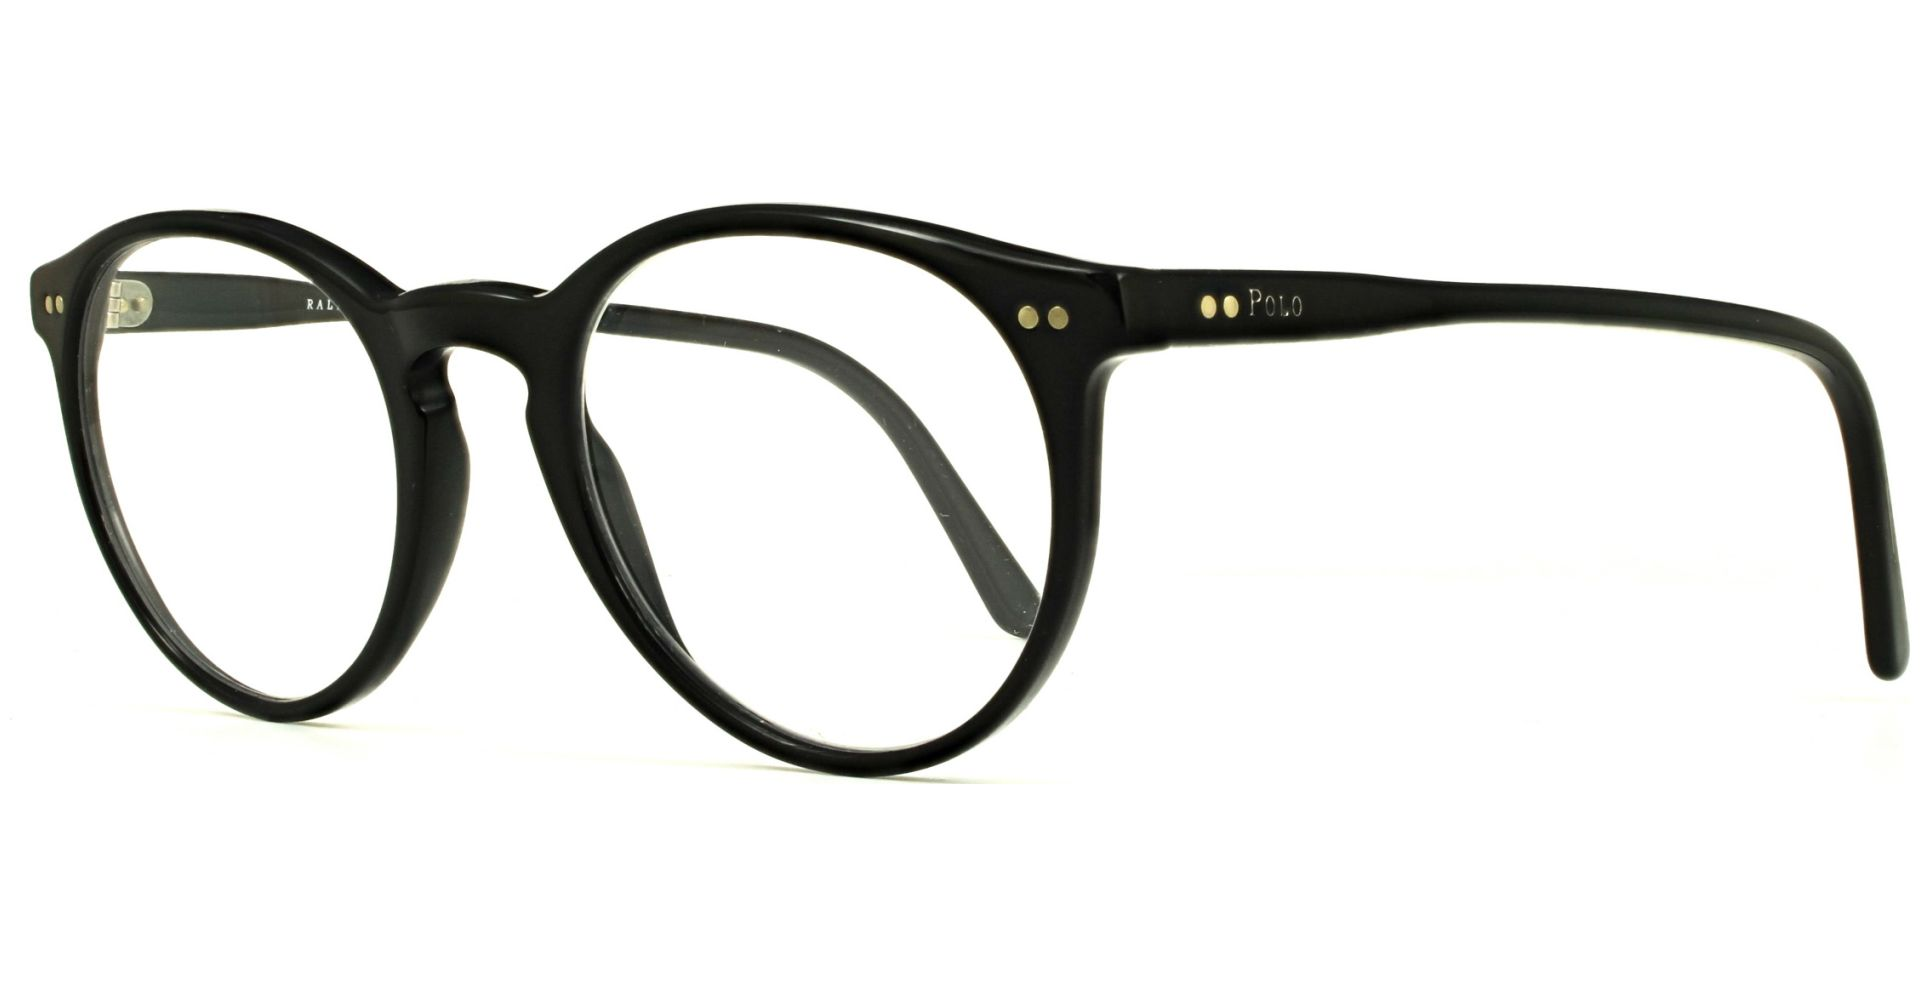 Polo - Ralph Lauren - PH2083 5001 4820 Black - von Lensbest